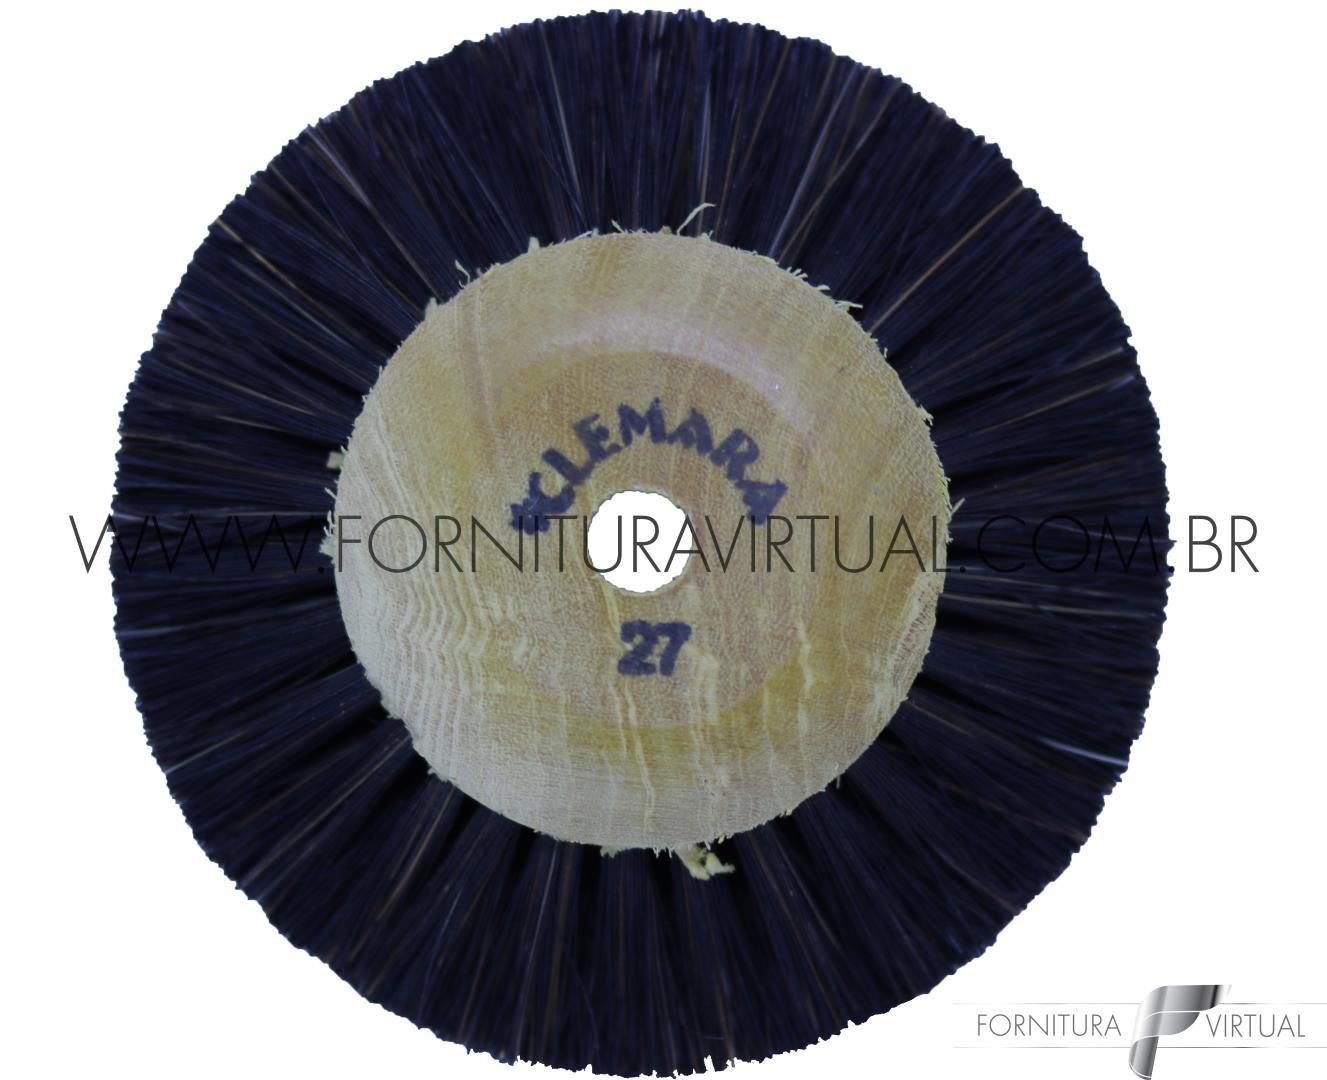 Escova Rotativa de Crina nº27 - Clemara